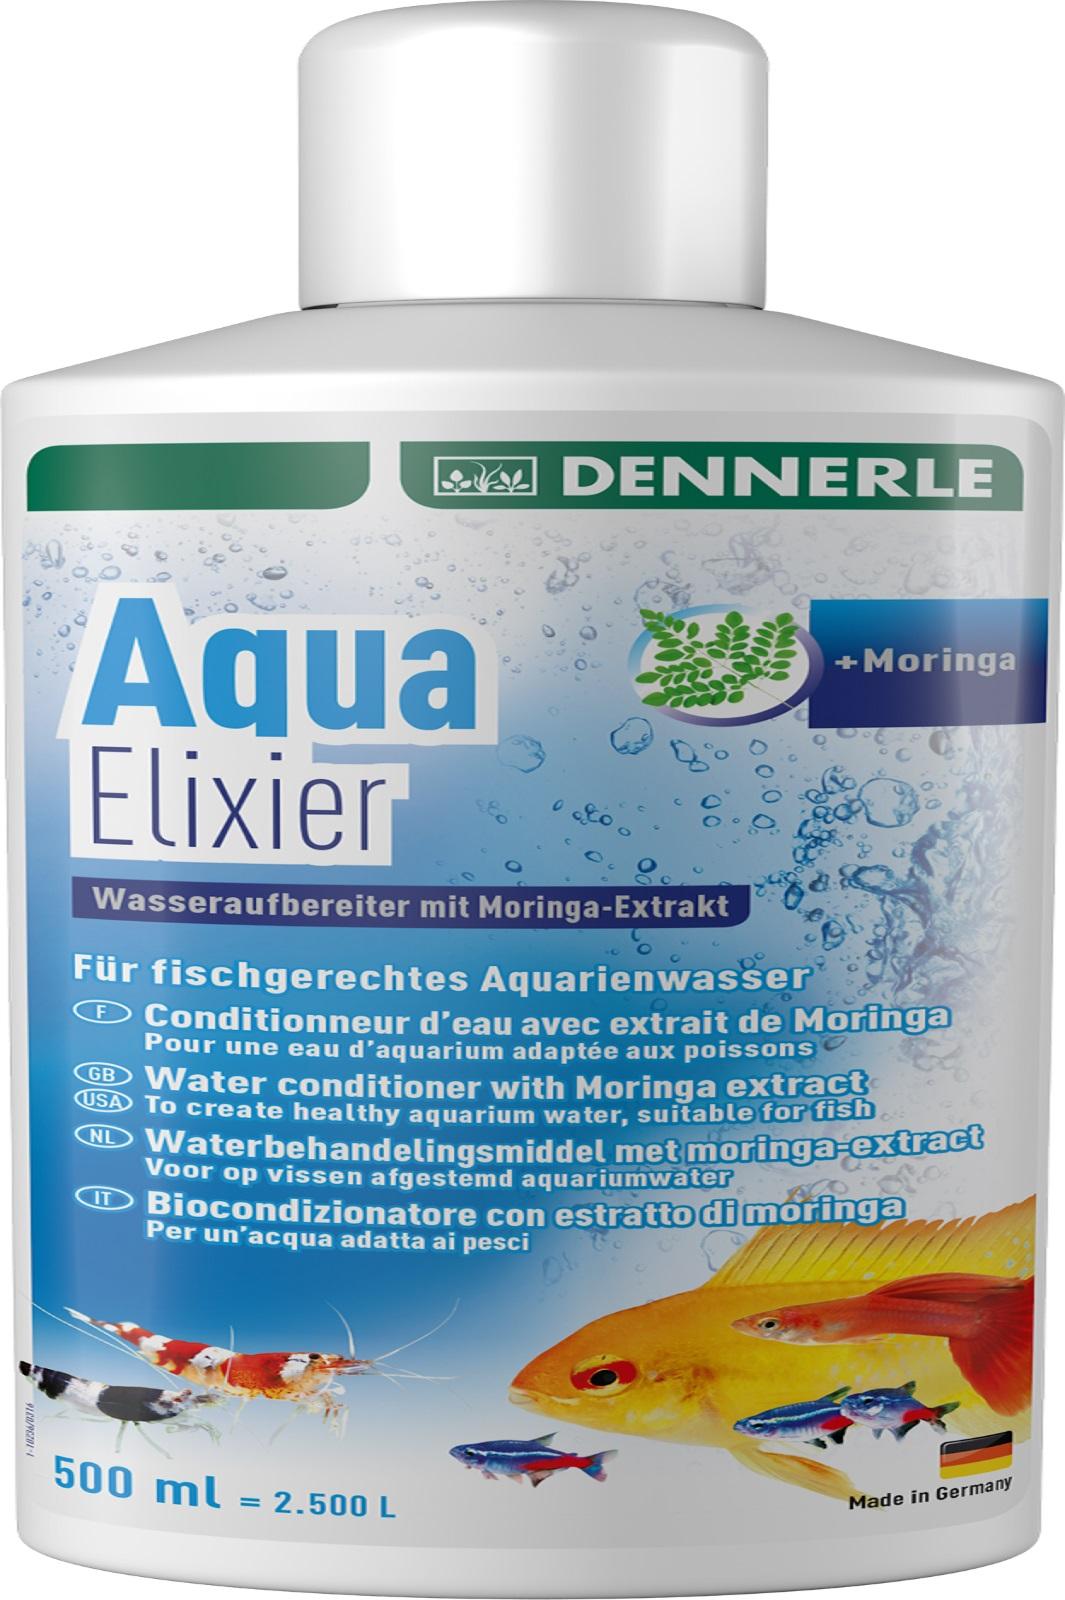 Aqua Elixier Wasseraufbereiter 500 ml